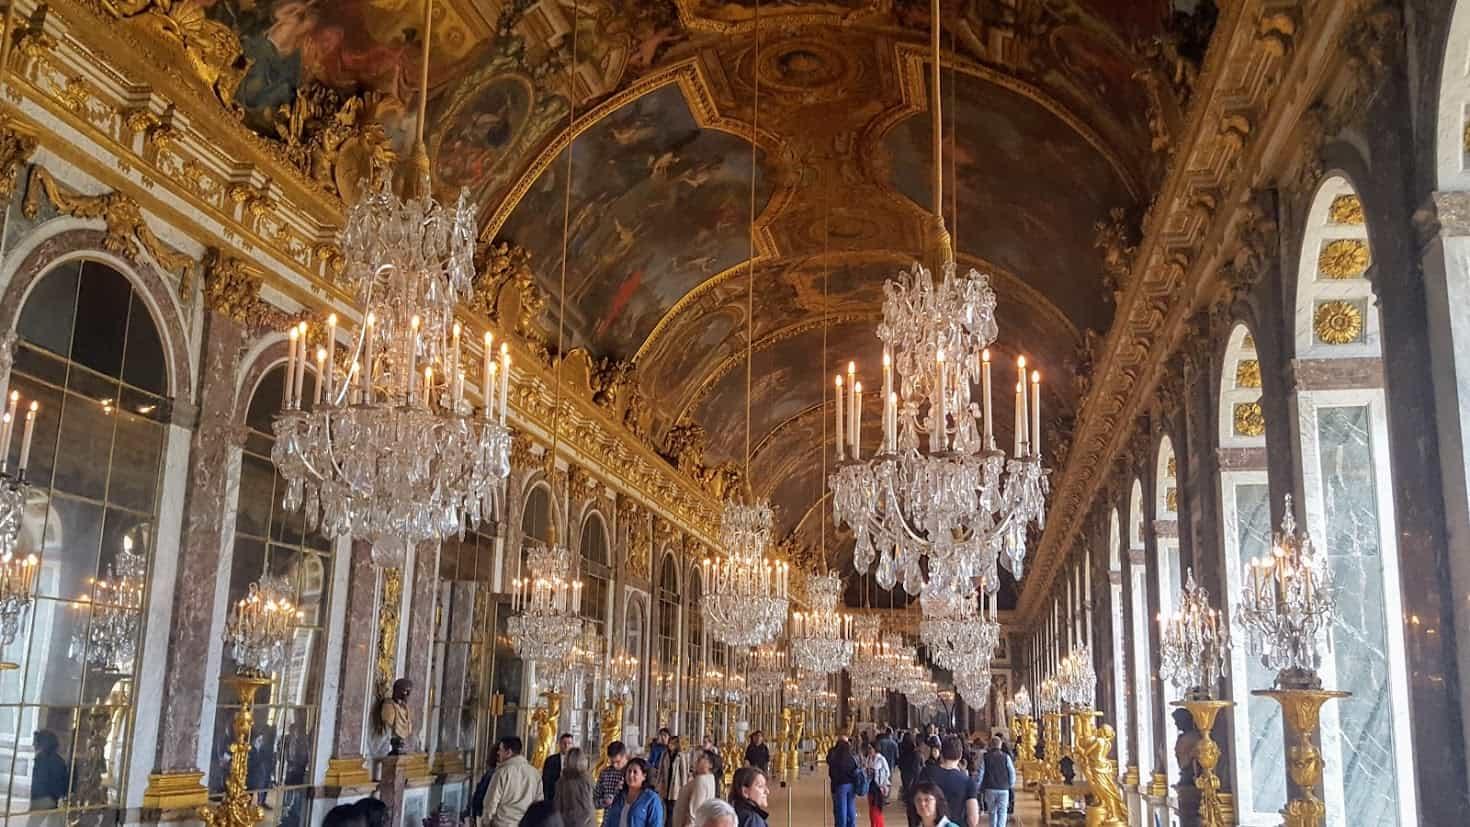 Versailles half day tour - visit the Castle of Versailles during a half day or day tour